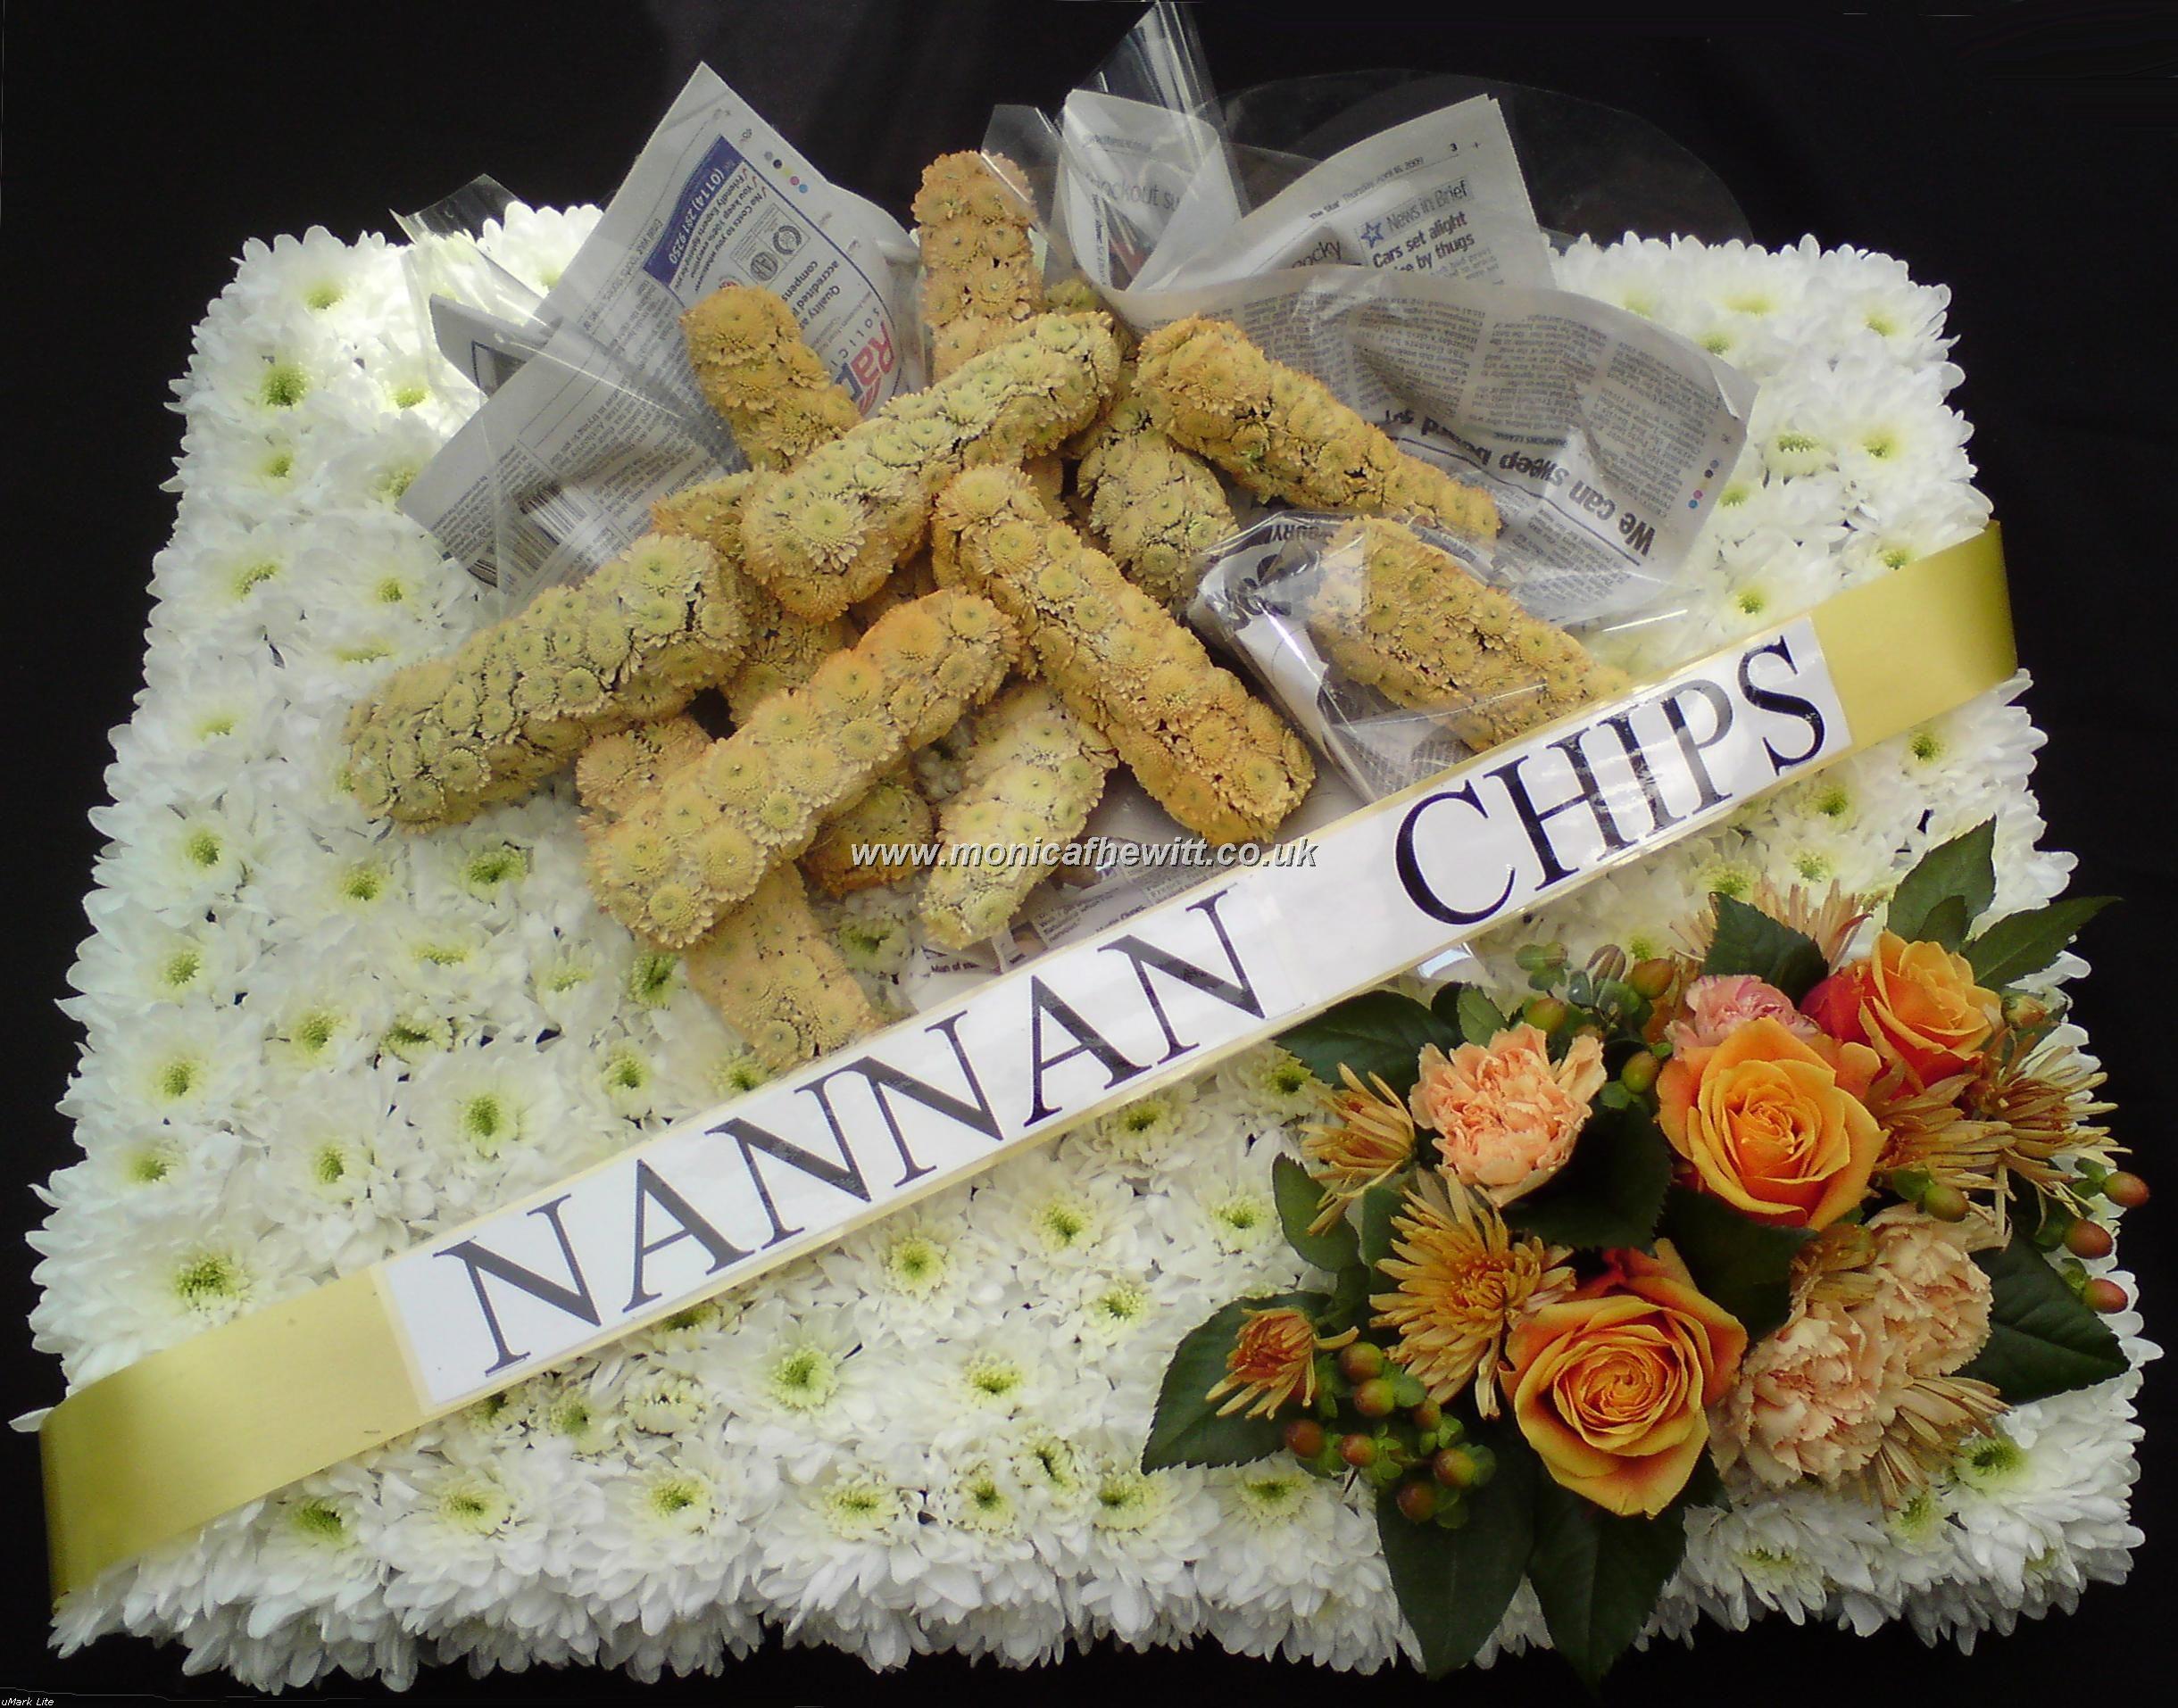 Chips funeral flowers monica f hewitt florist sheffield bespoke chips funeral flowers monica f hewitt florist sheffield izmirmasajfo